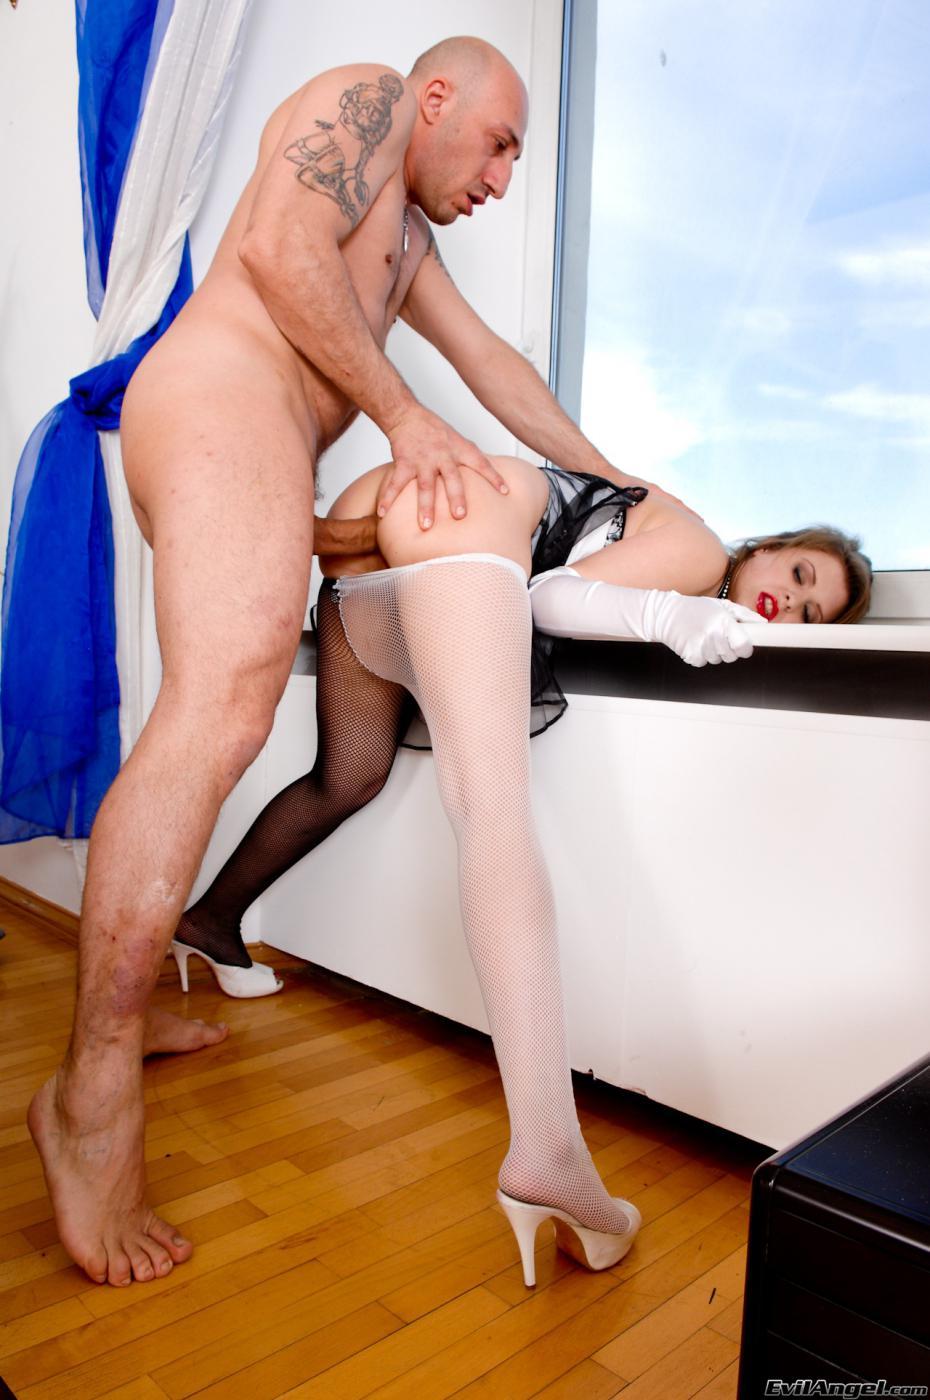 Распутная сука Tina White снимает колготки и занимается оральным и анальным сексом